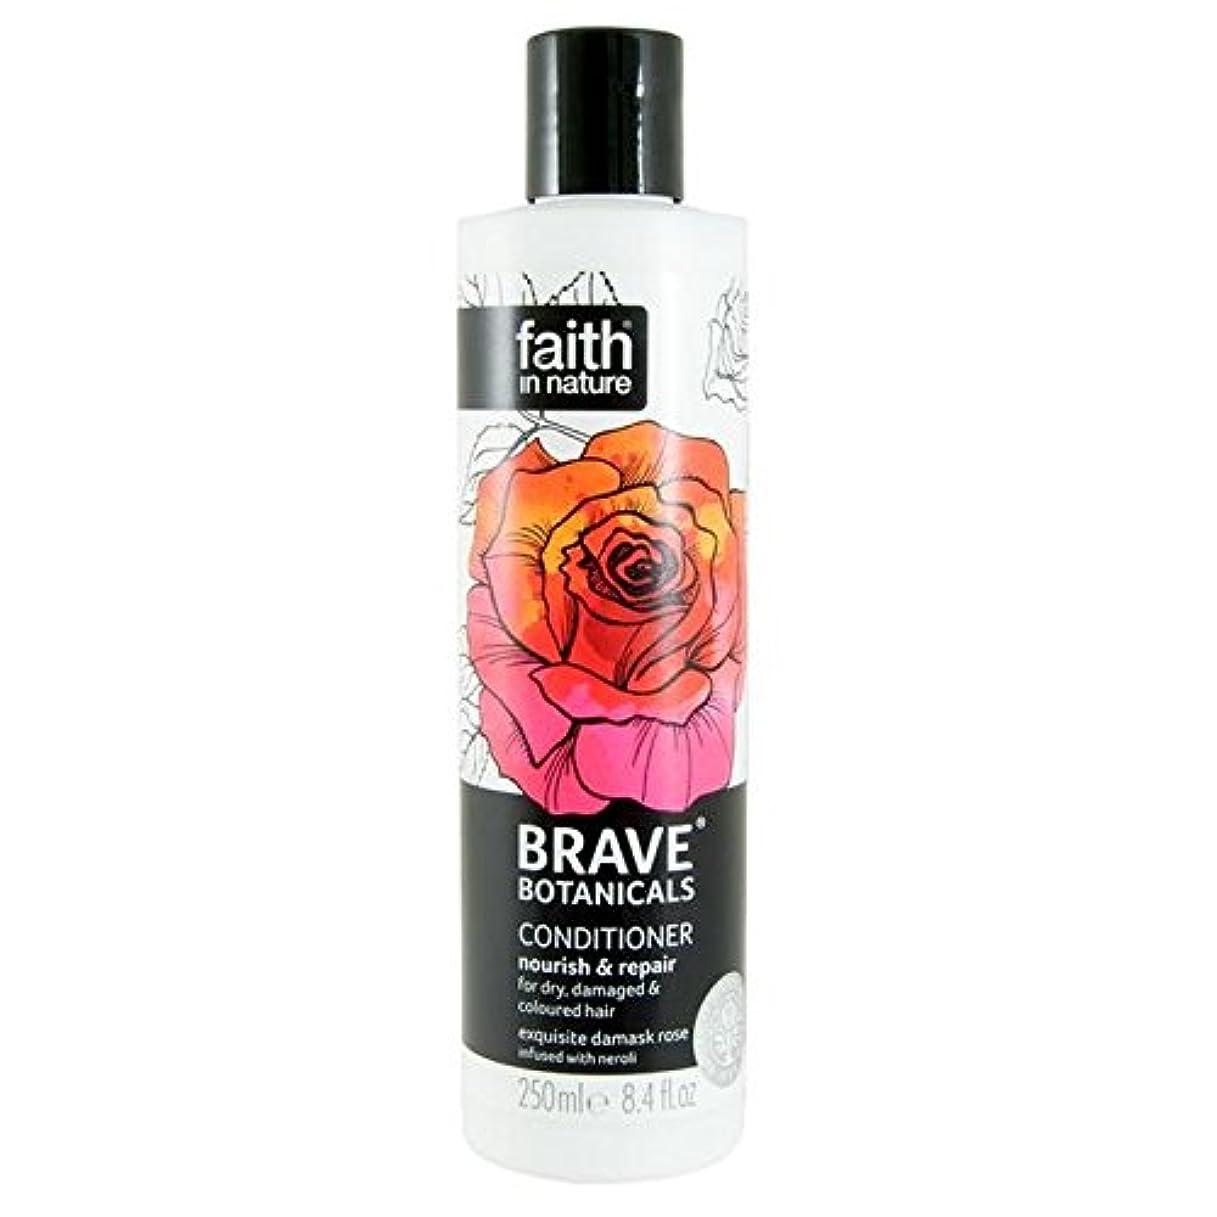 明らかに二年生硫黄Brave Botanicals Rose & Neroli Nourish & Repair Conditioner 250ml - (Faith In Nature) 勇敢な植物は、ローズ&ネロリは養う&リペアコンディショナー...